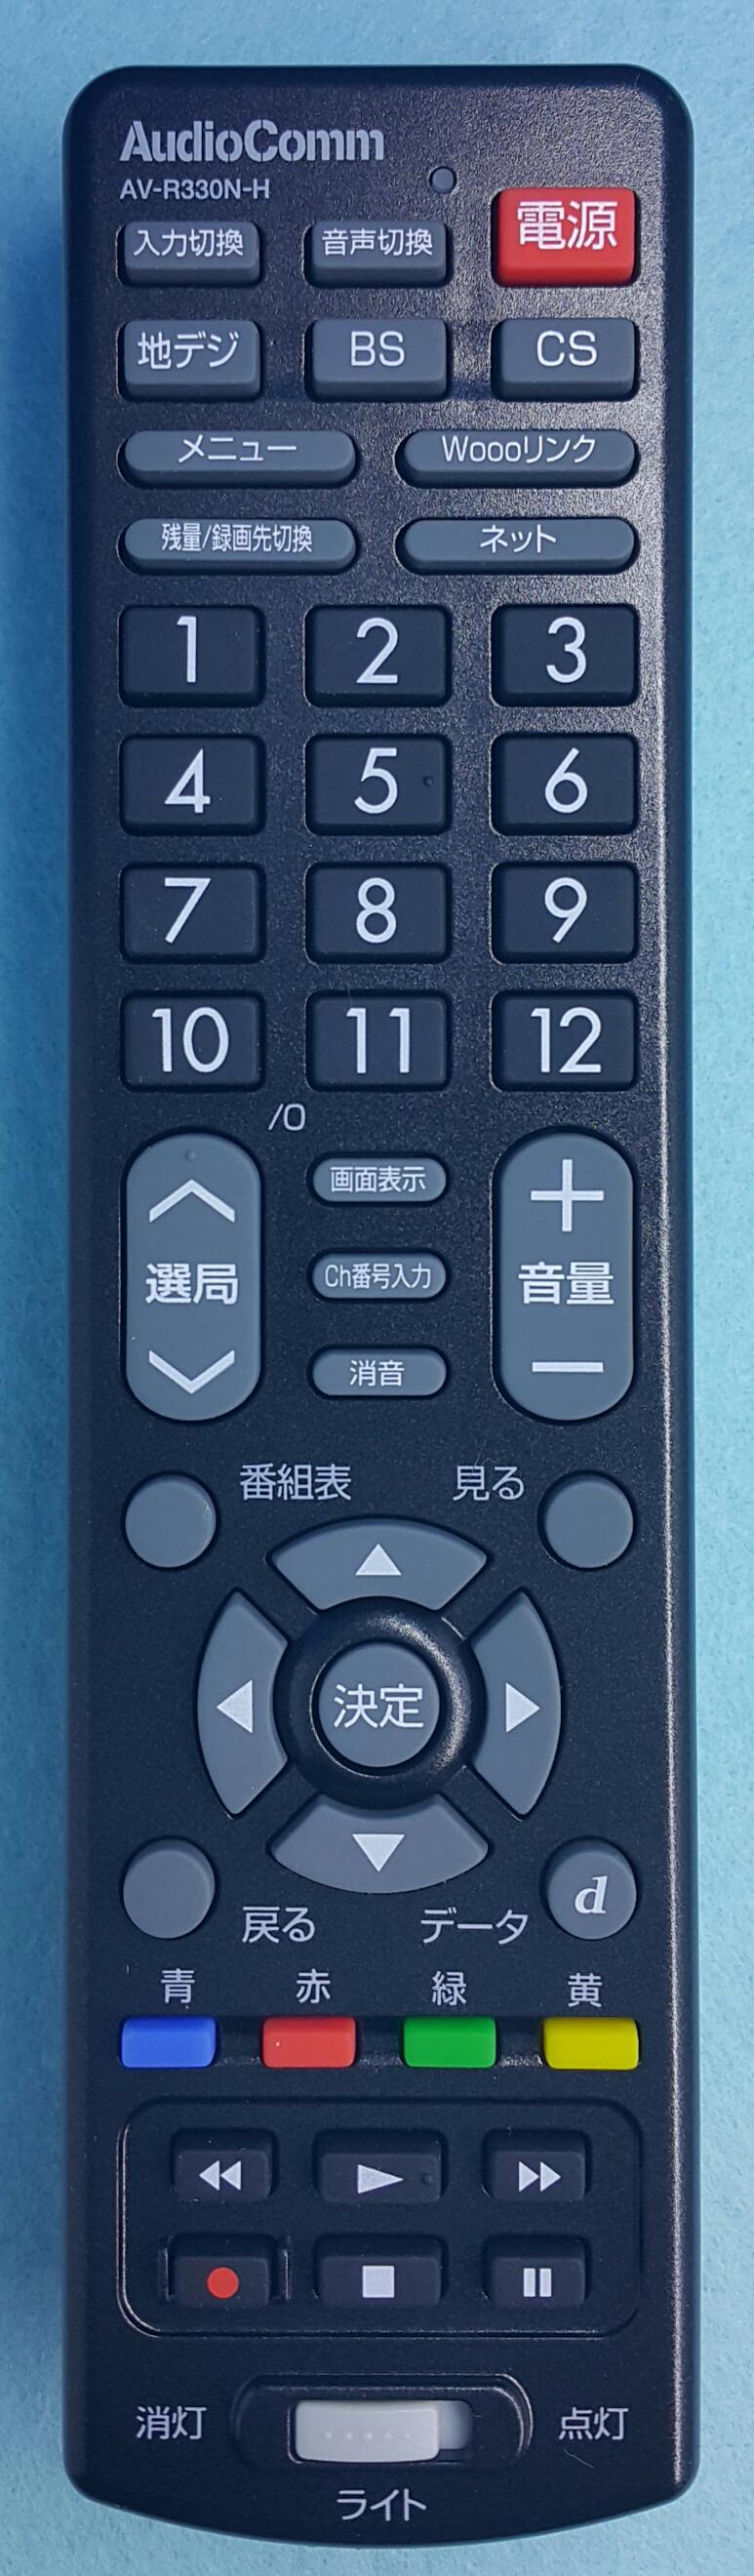 HITACHI_AV-R330N-H_L0AF5 E817_TV.HITACHI_00005_cover.png